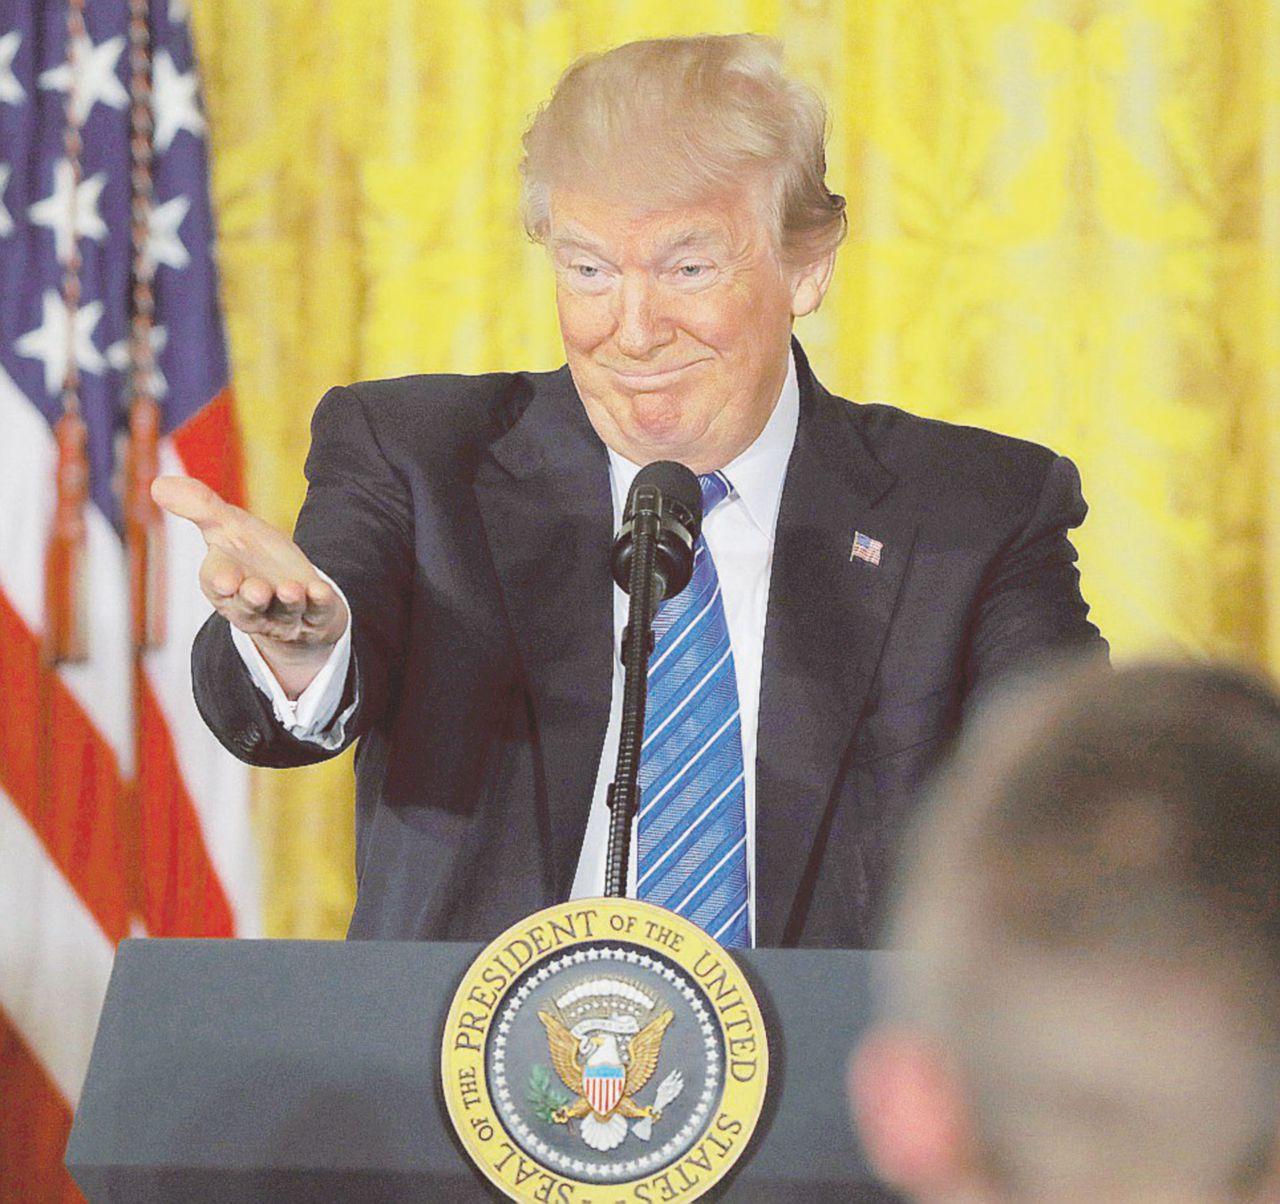 La Corte Suprema fa felice Trump: travel ban (quasi) ok